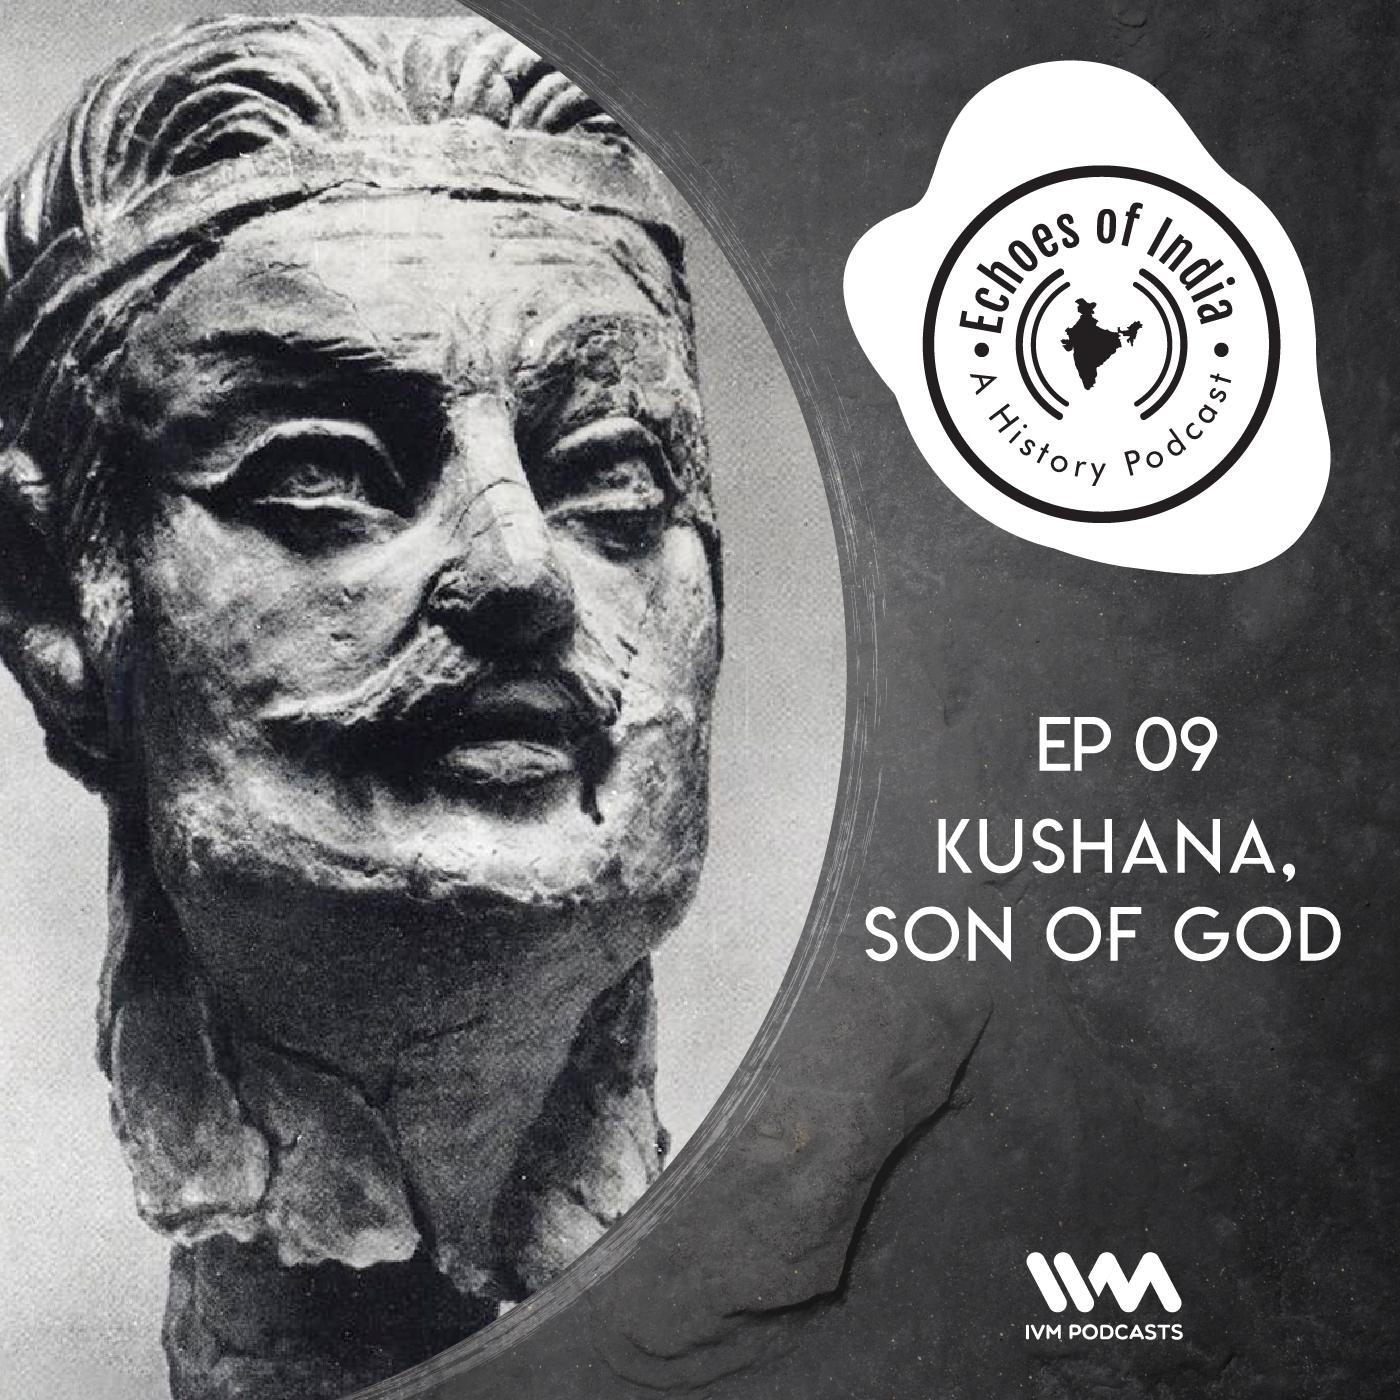 Ep. 09: Kushana, Son of God